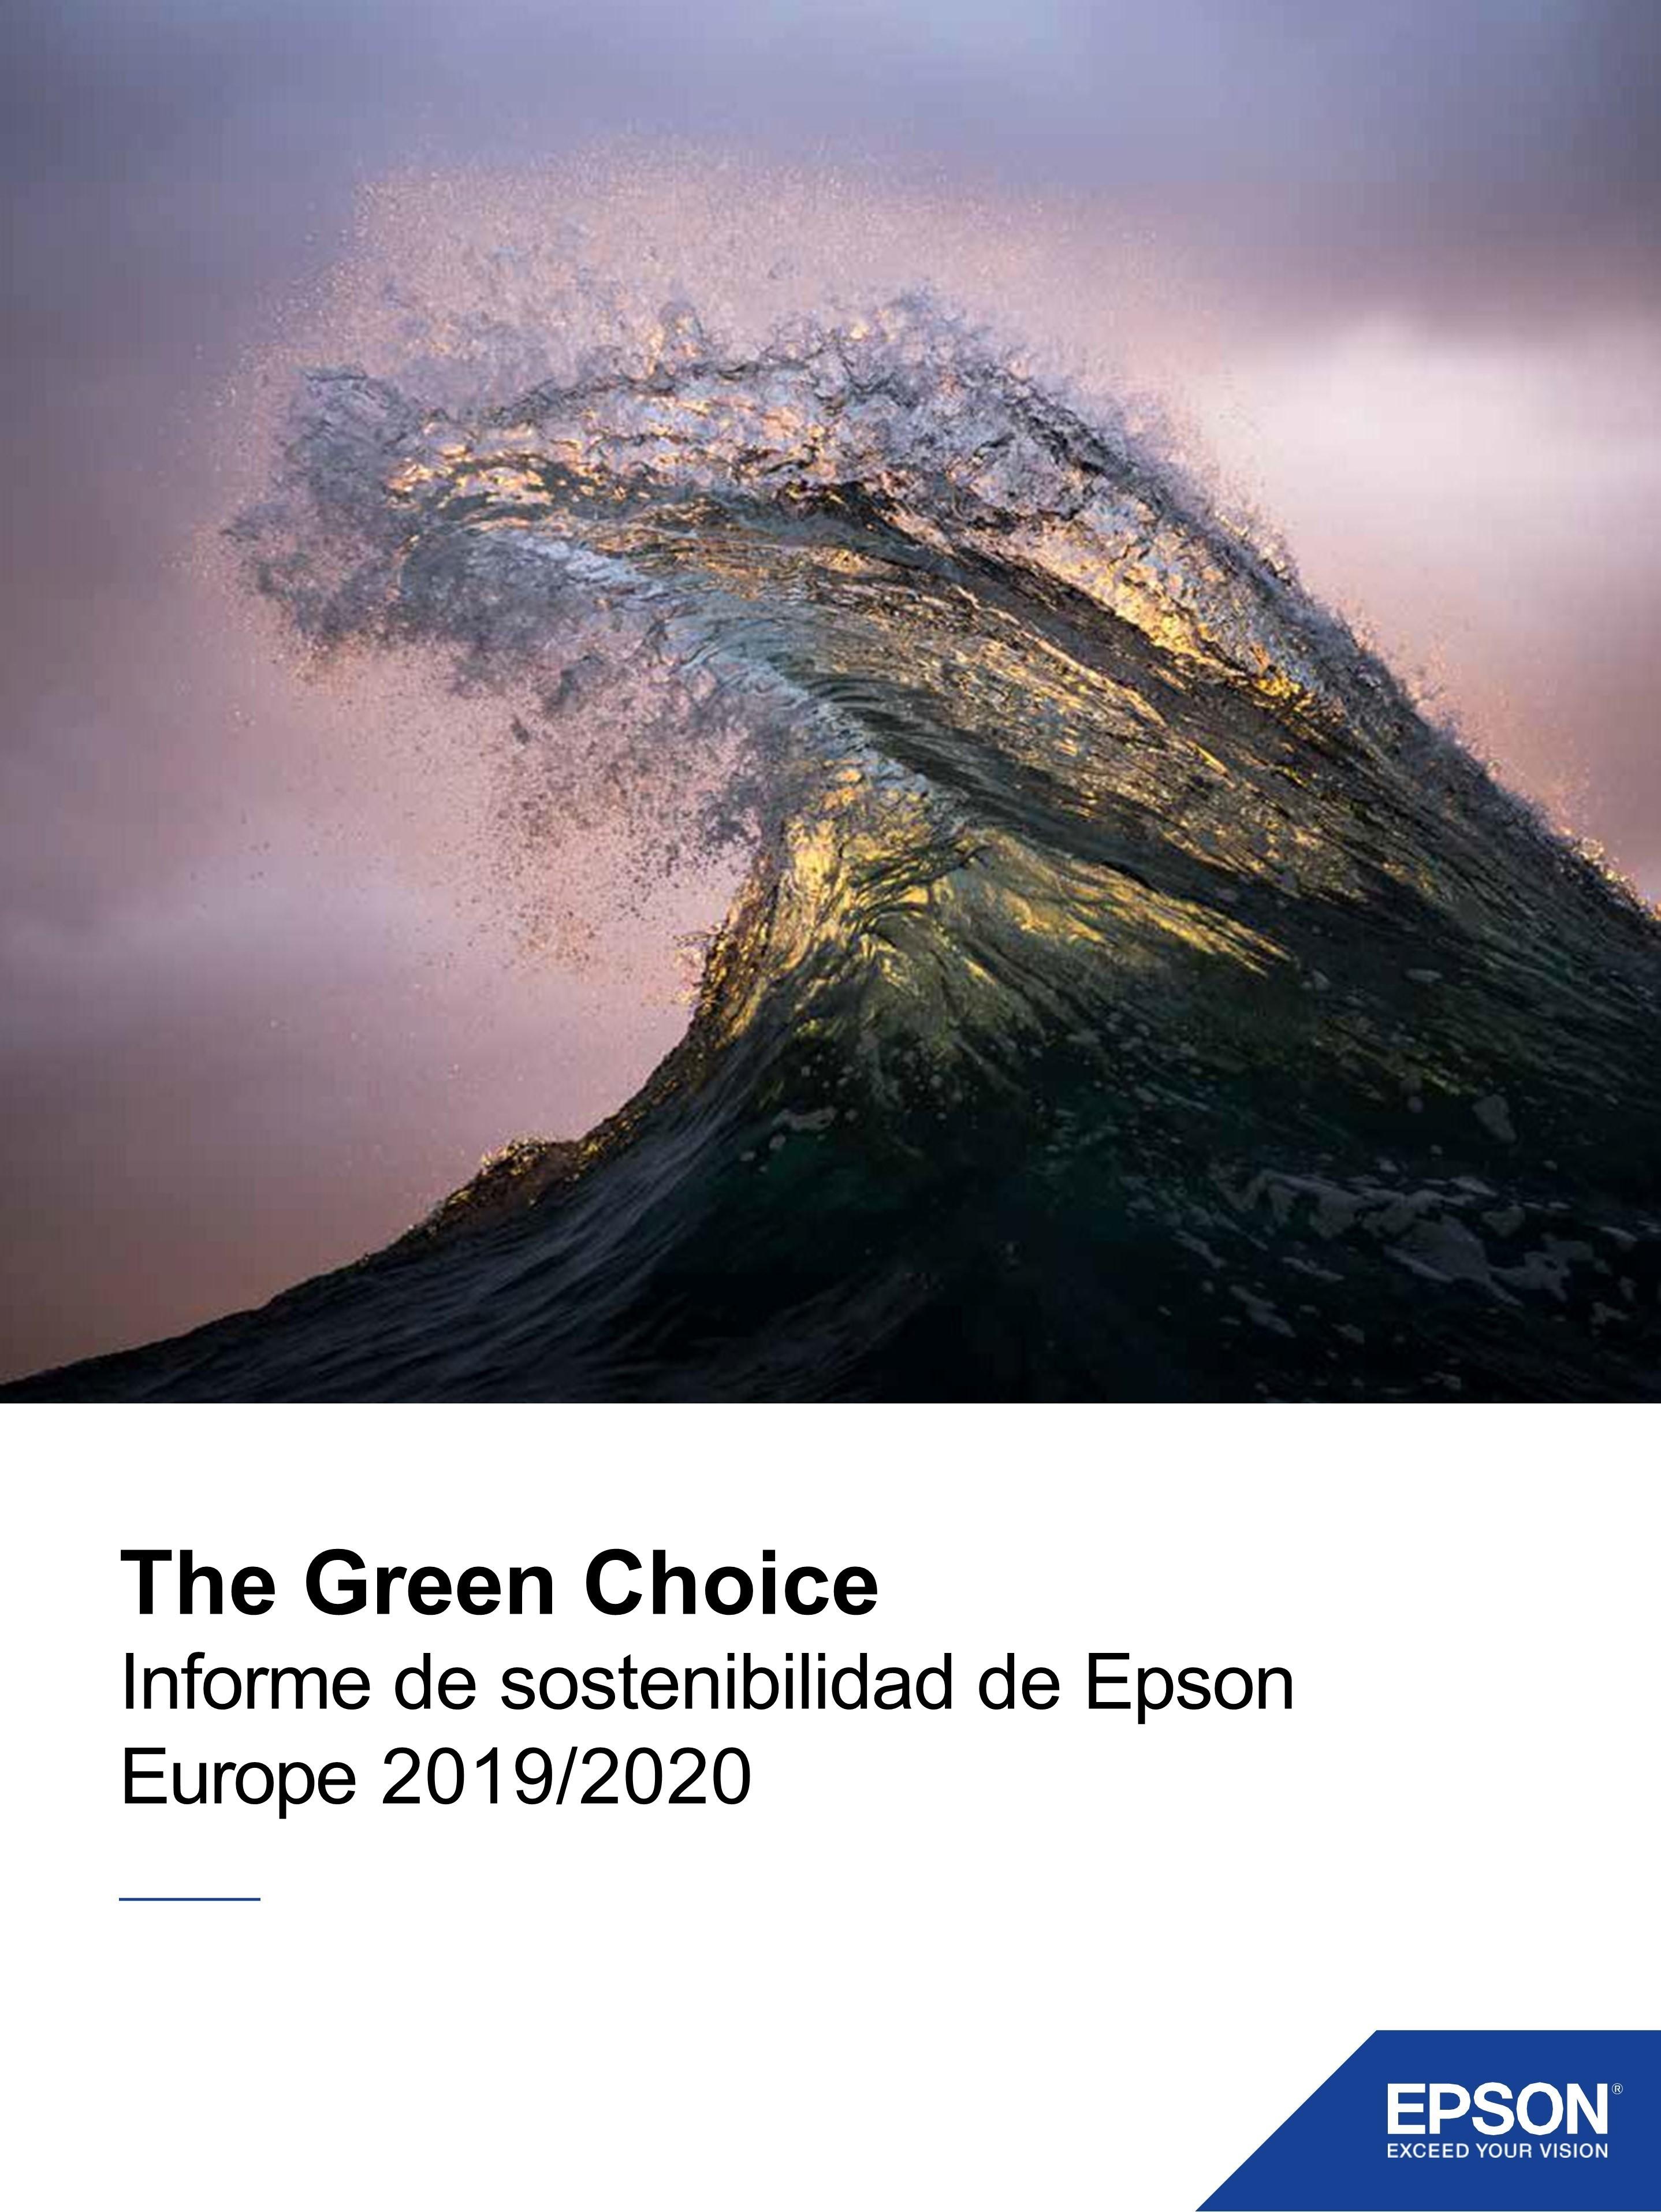 Informe sostenibilidad epson